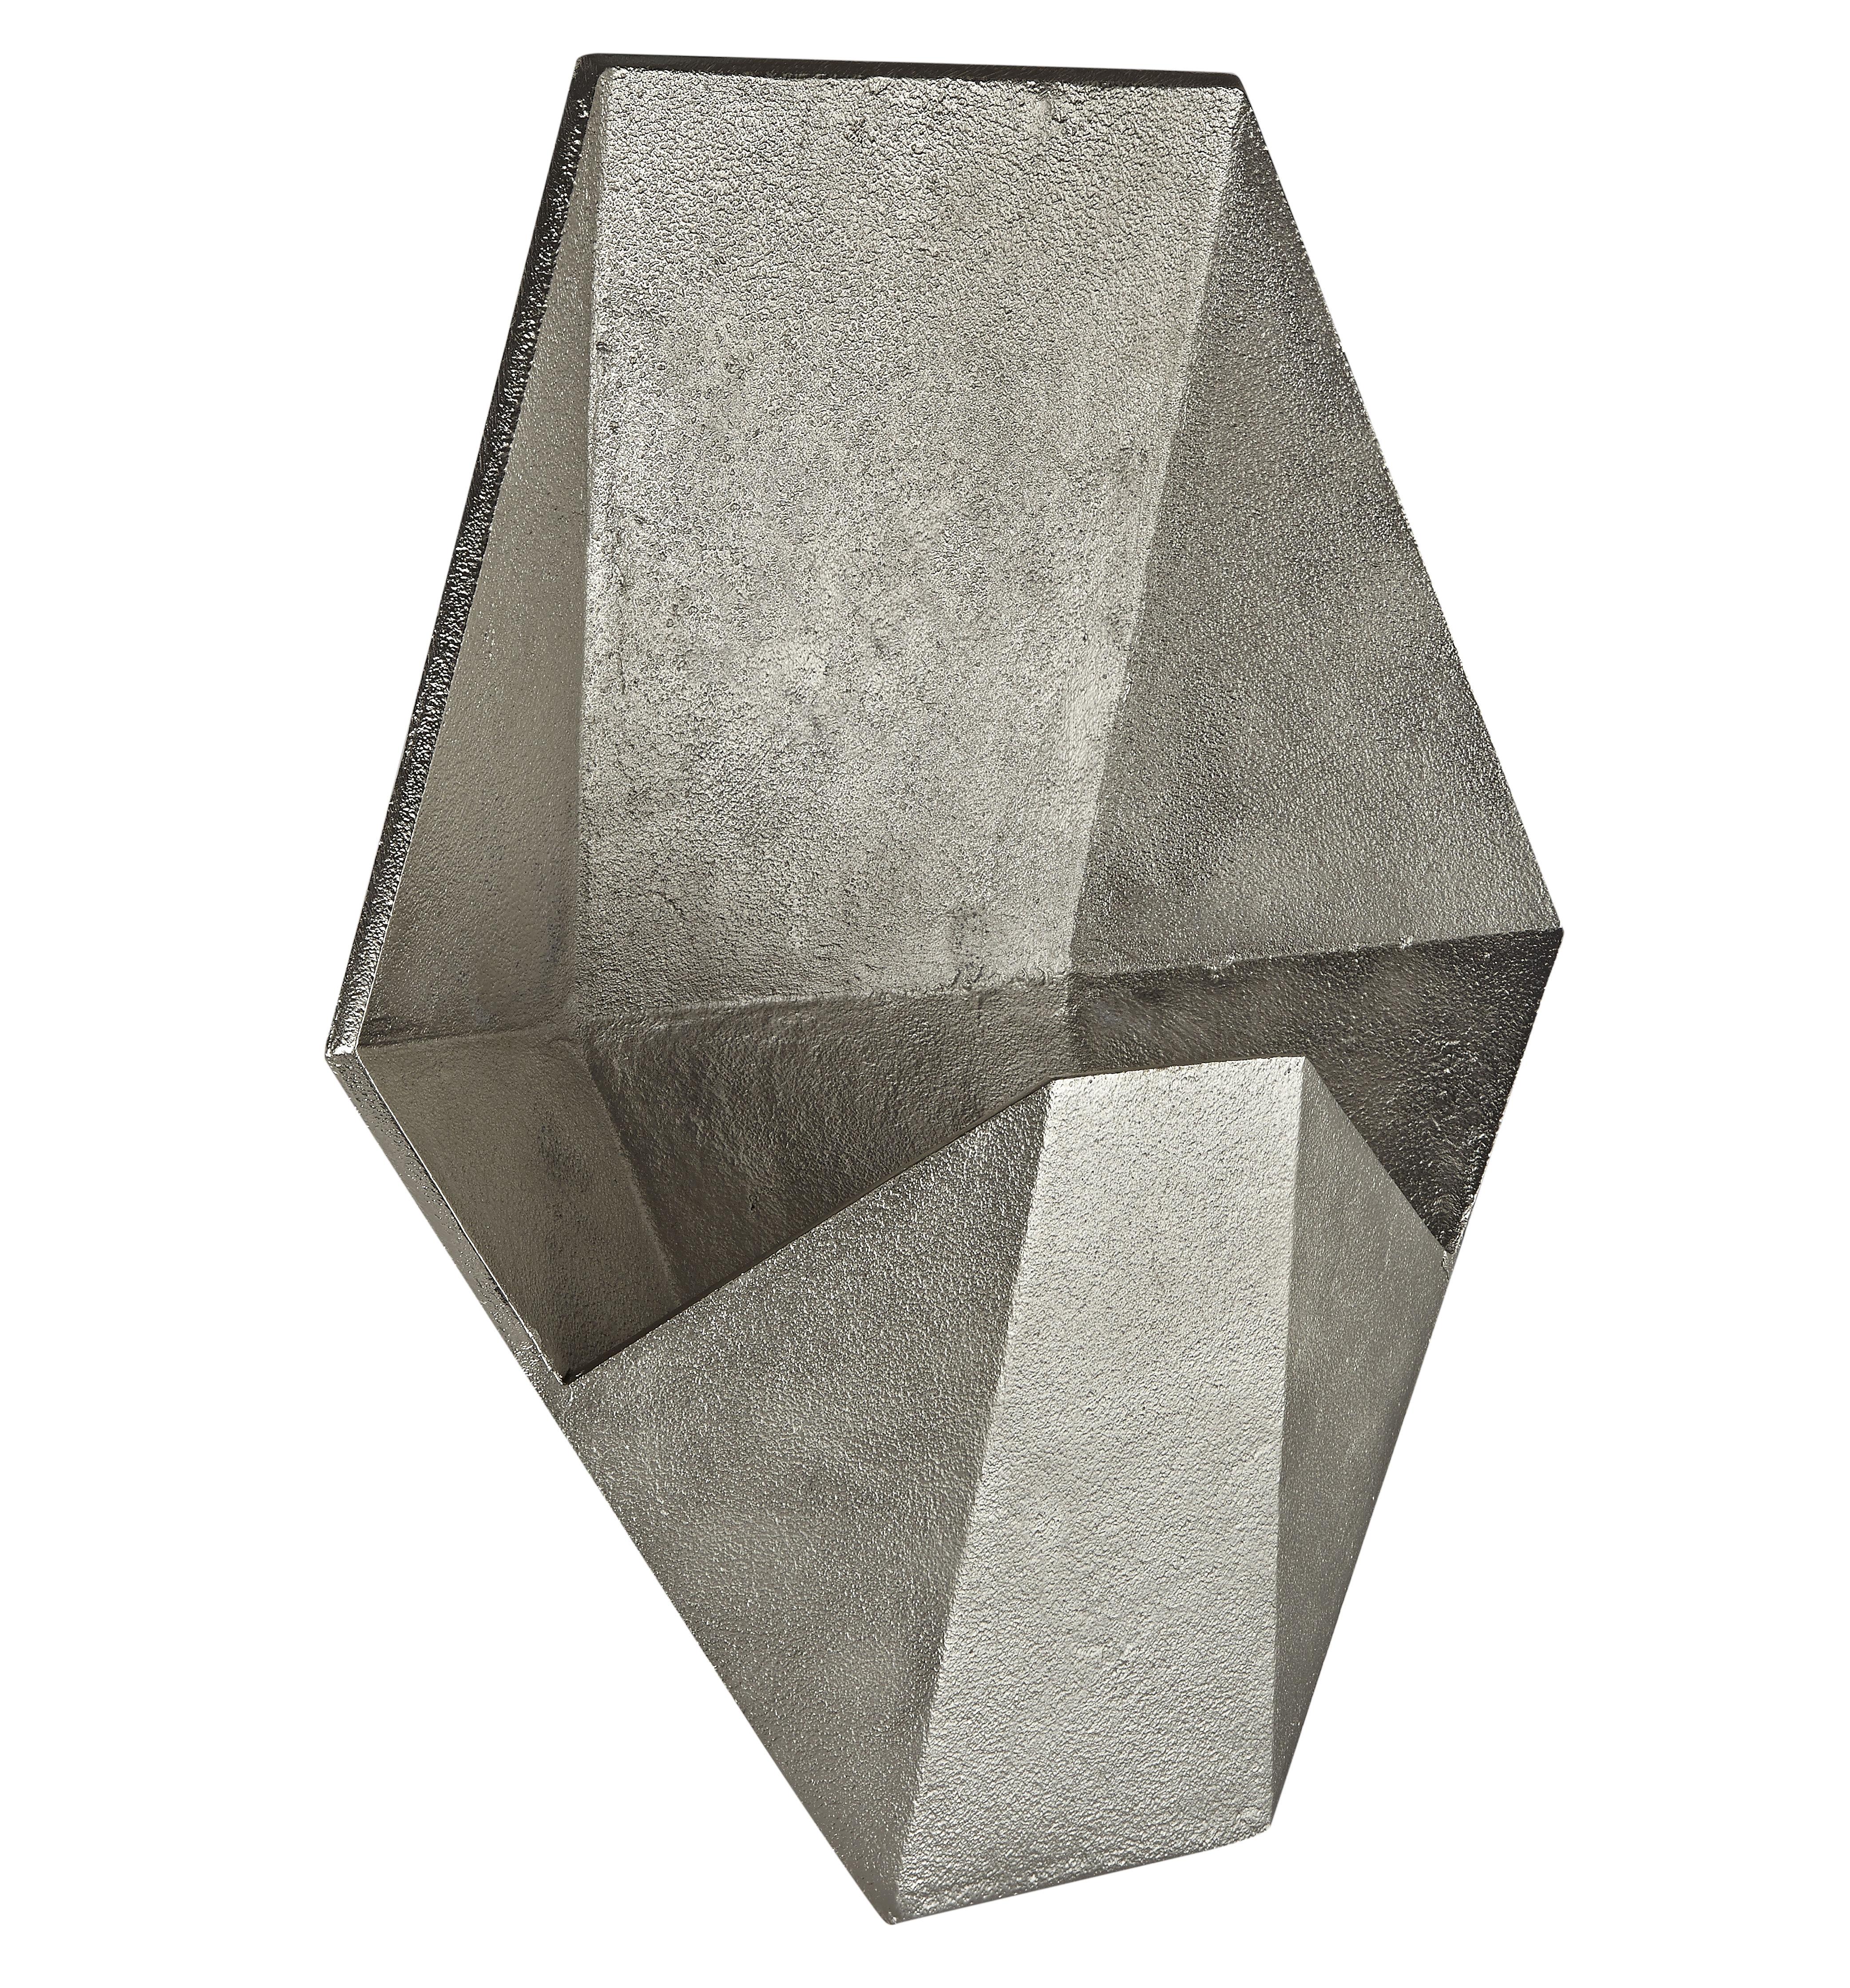 Luminaire - Appliques - Applique Gem / L 40 x H 47 cm - Tom Dixon - Nickel - Aluminium plaqué nickel